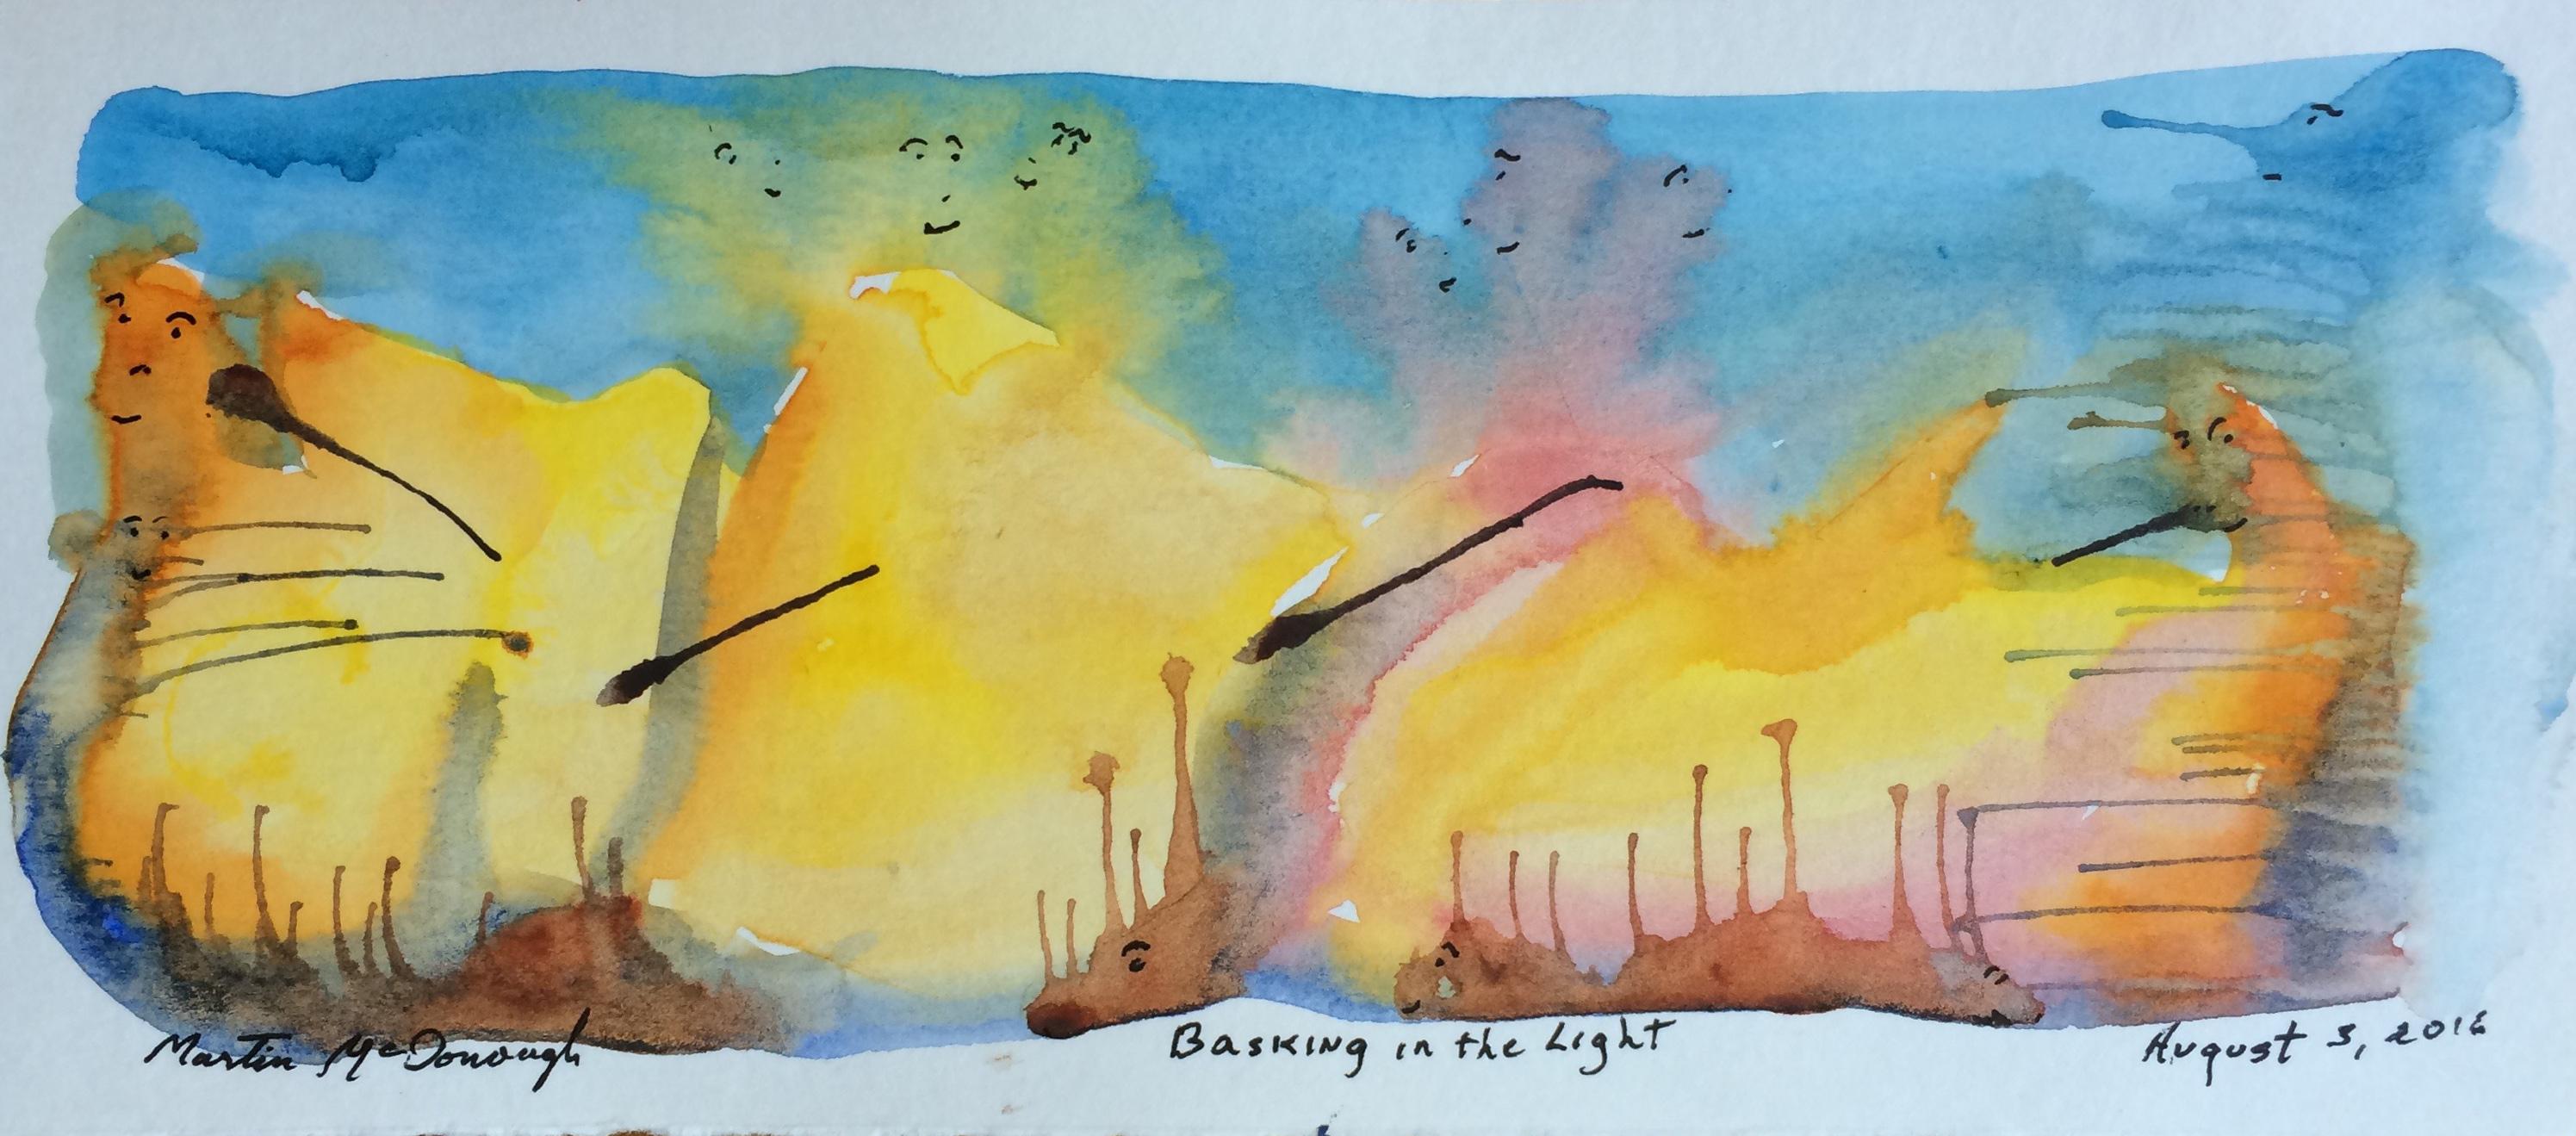 basking_in_the_light_web